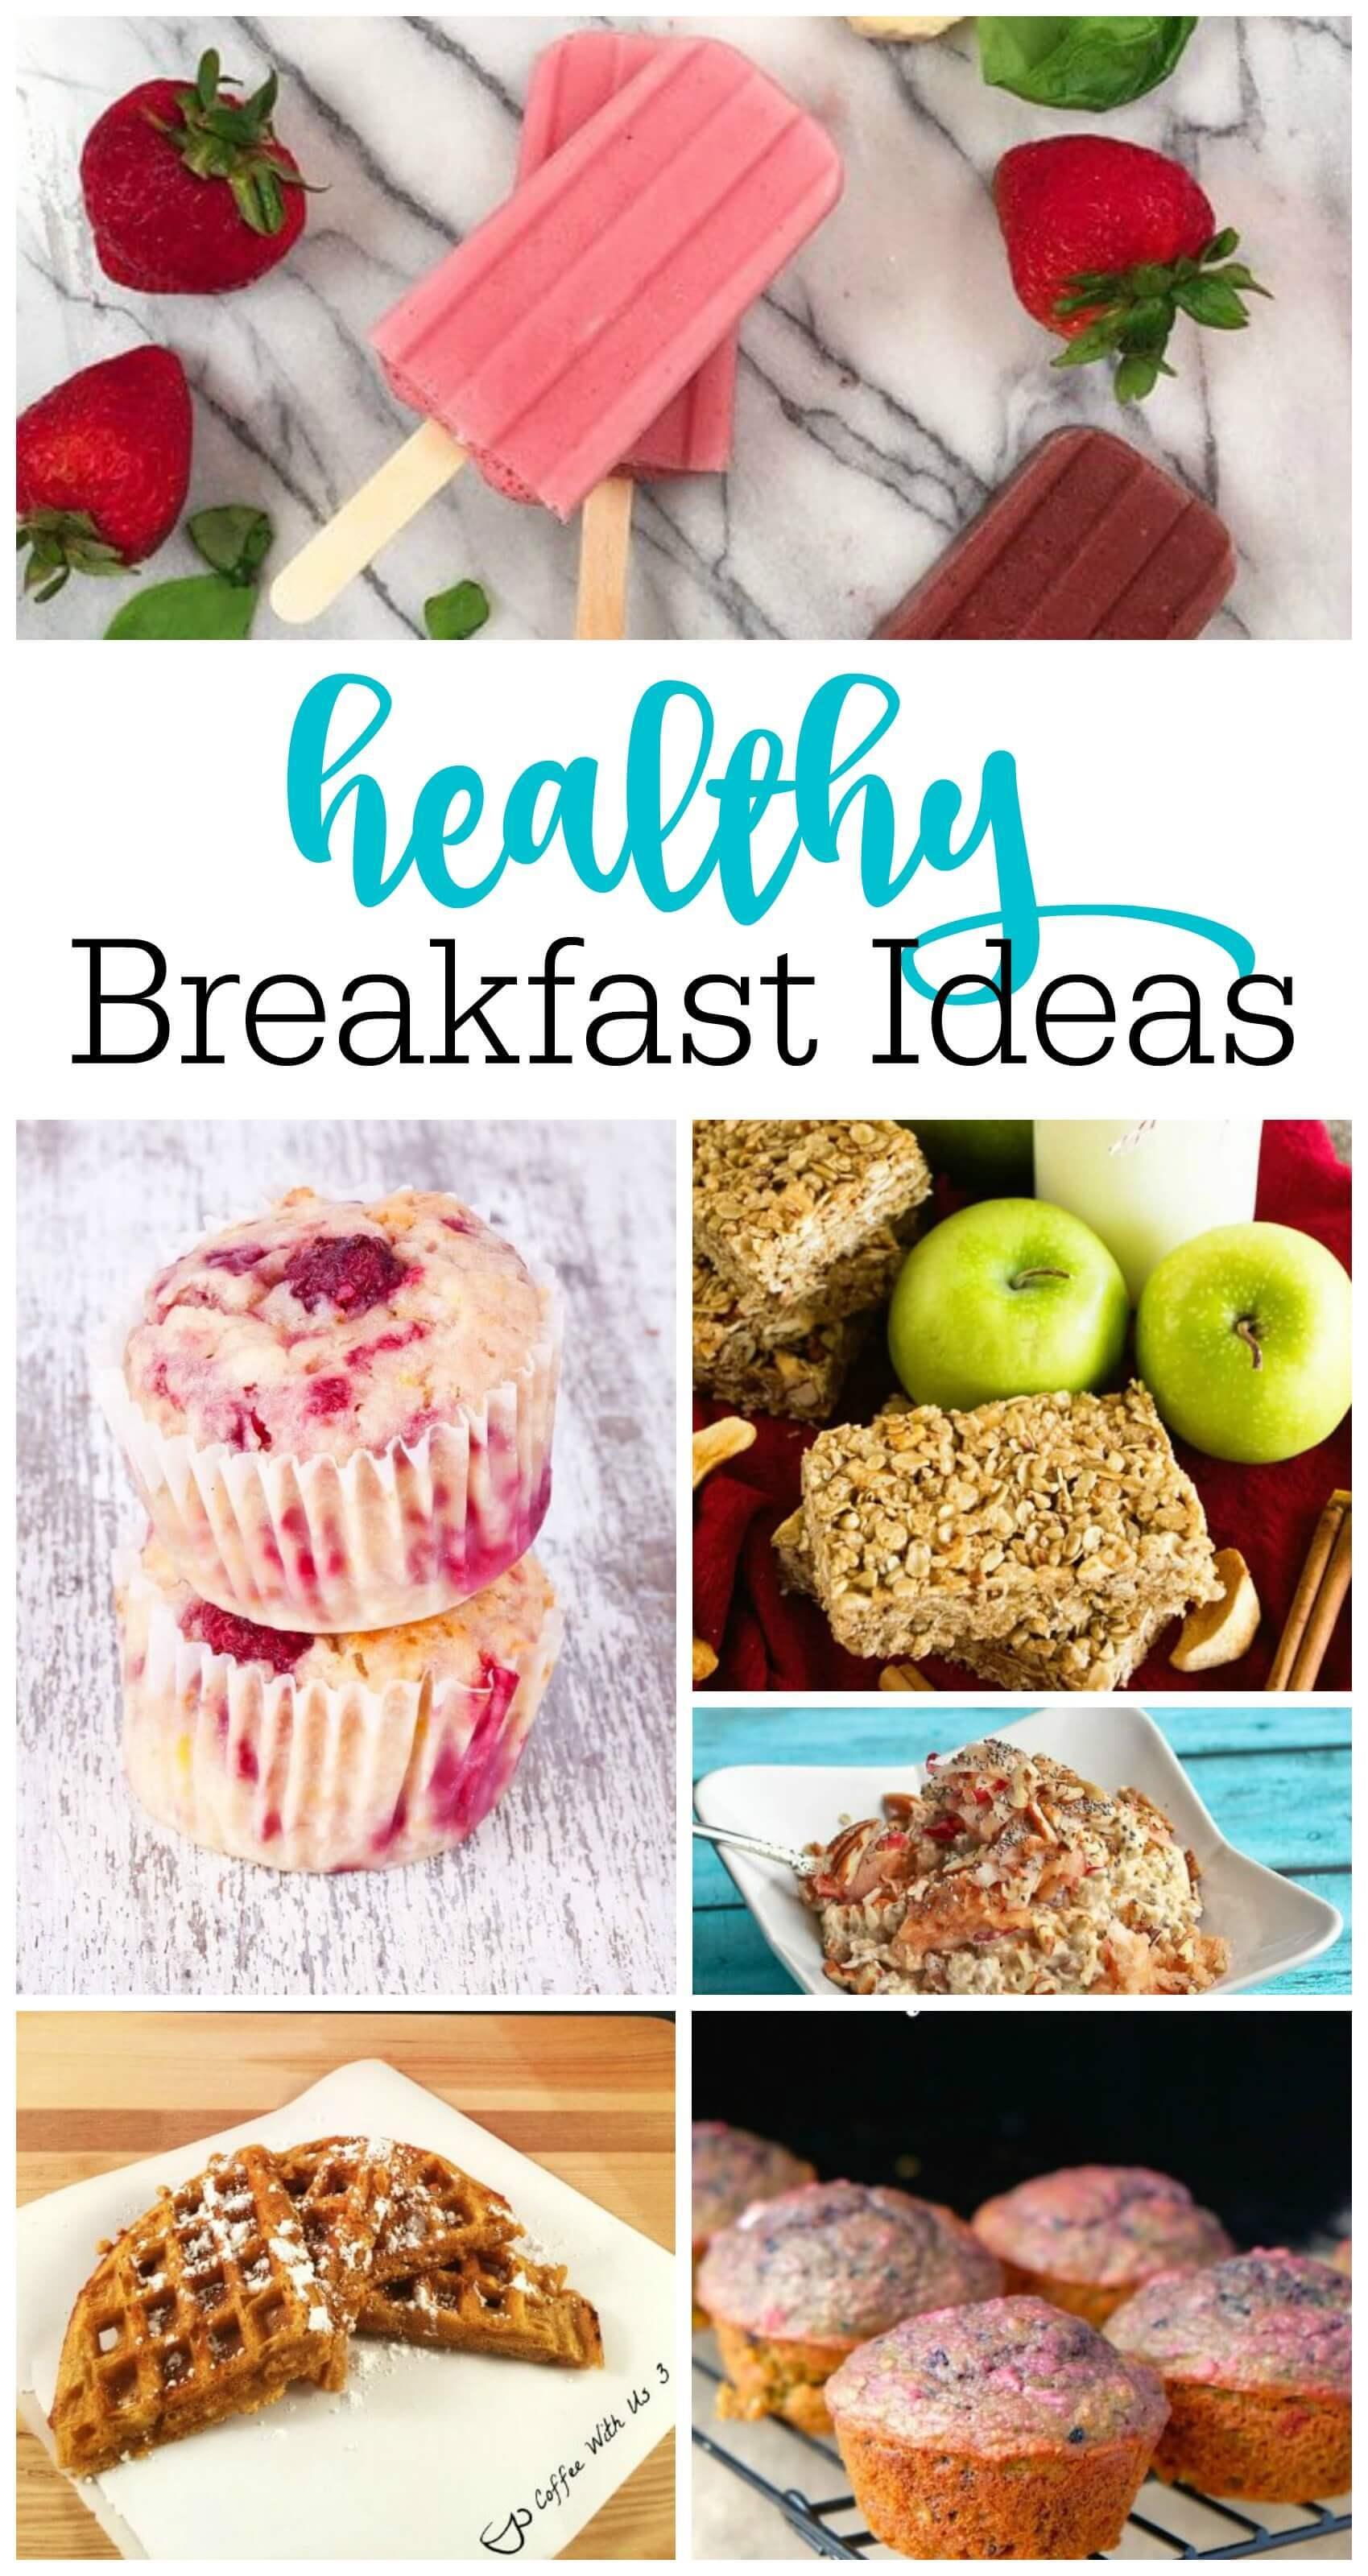 Healthy Breakfast Ideas for Busy Mornings